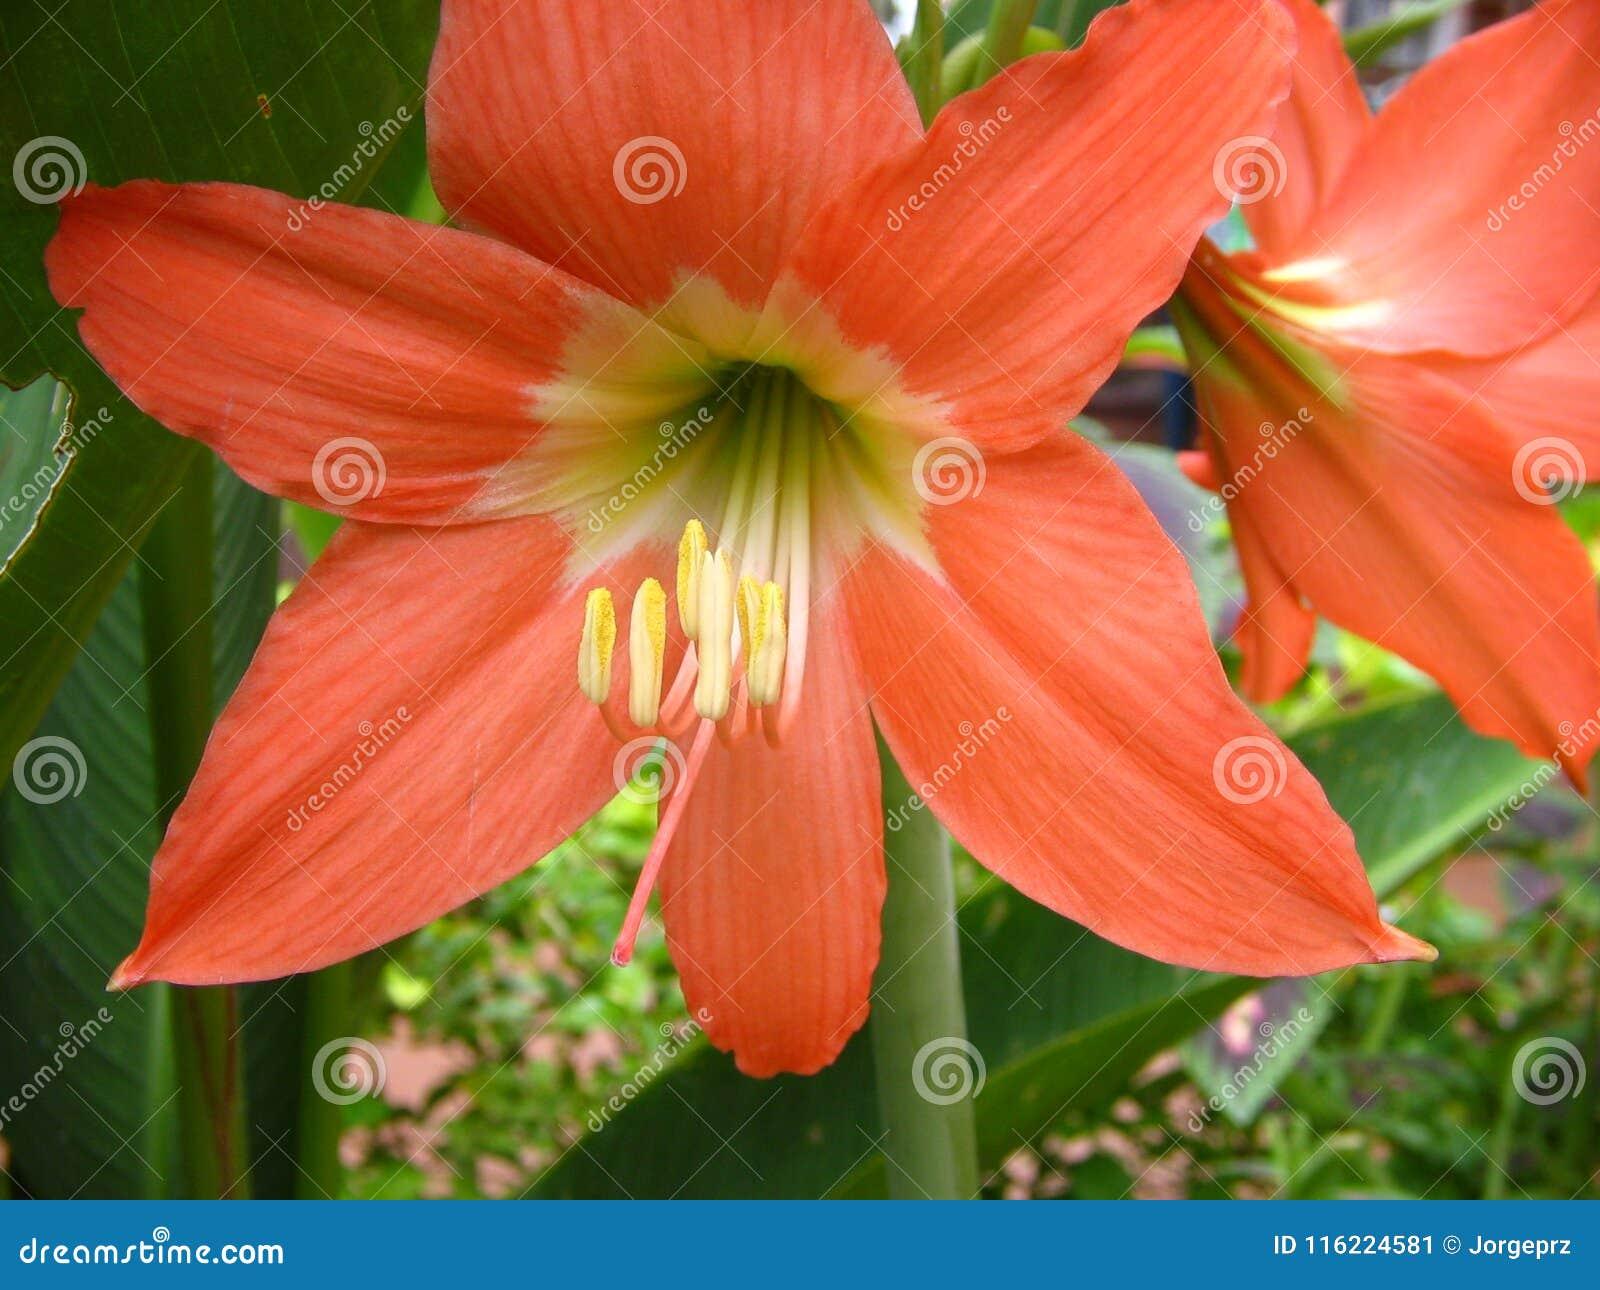 Pianta Fiori Arancioni.Pianta E Fiore Arancio Del Giglio Immagine Stock Immagine Di